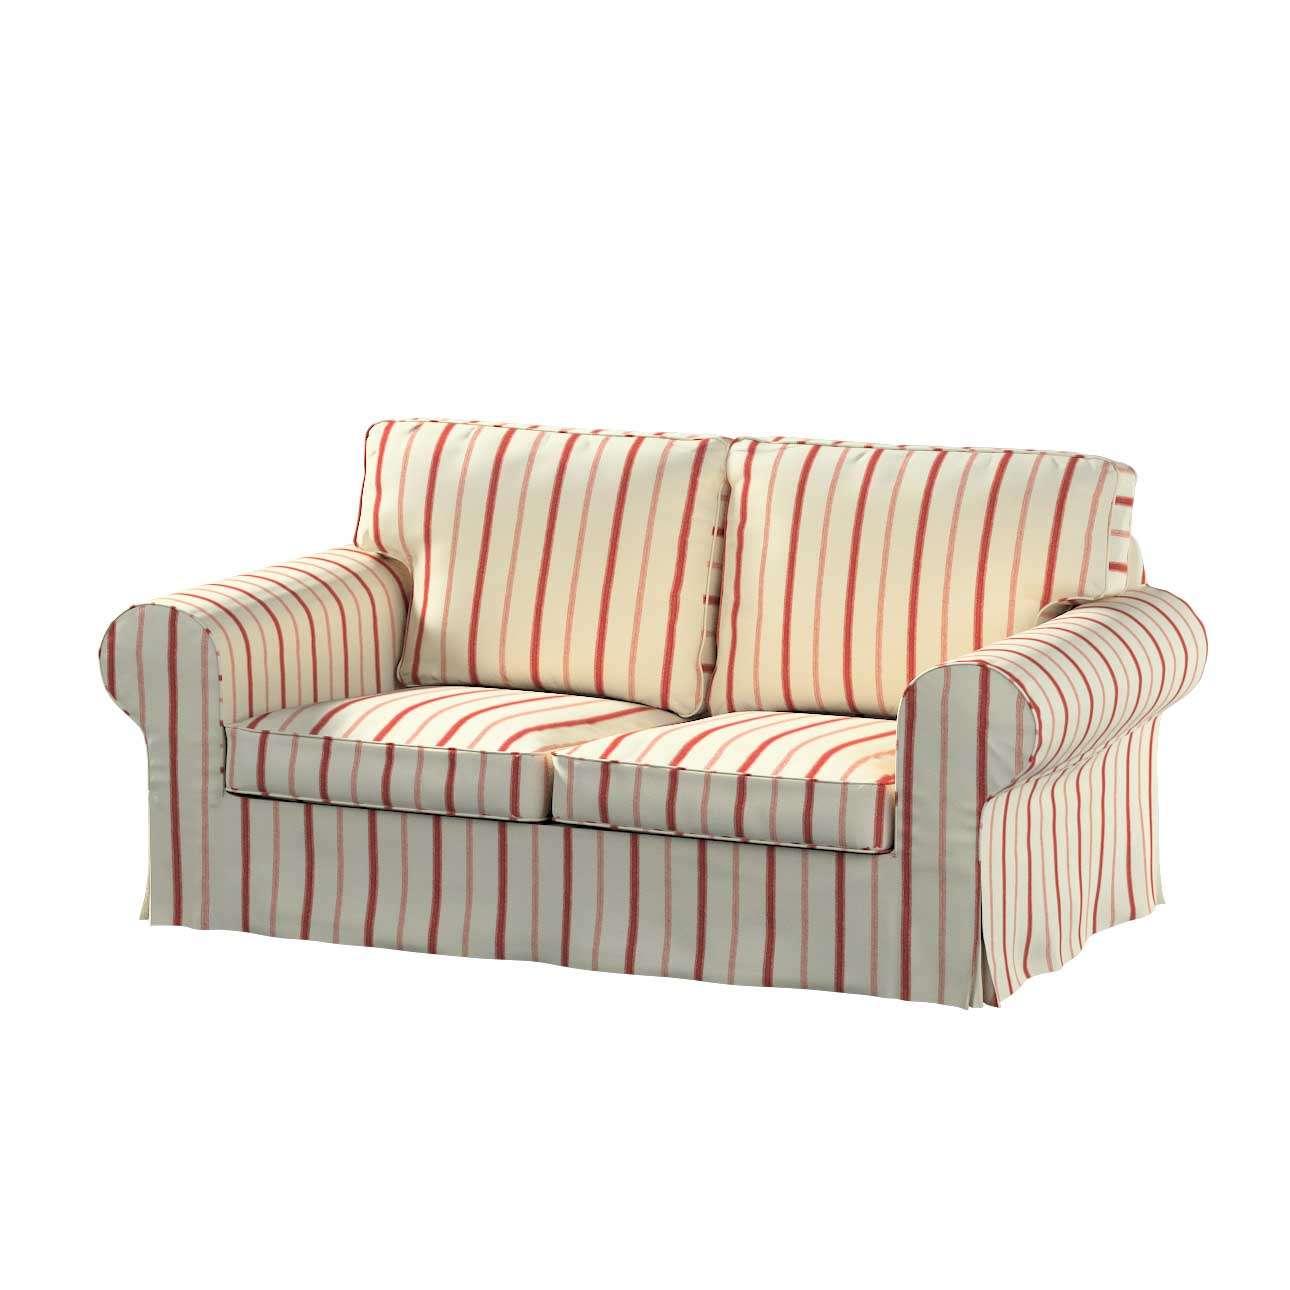 Pokrowiec na sofę Ektorp 2-osobową rozkładana NOWY MODEL 2012 sofa ektorp 2-osobowa rozkładana NOWY MODEL w kolekcji Avinon, tkanina: 129-15